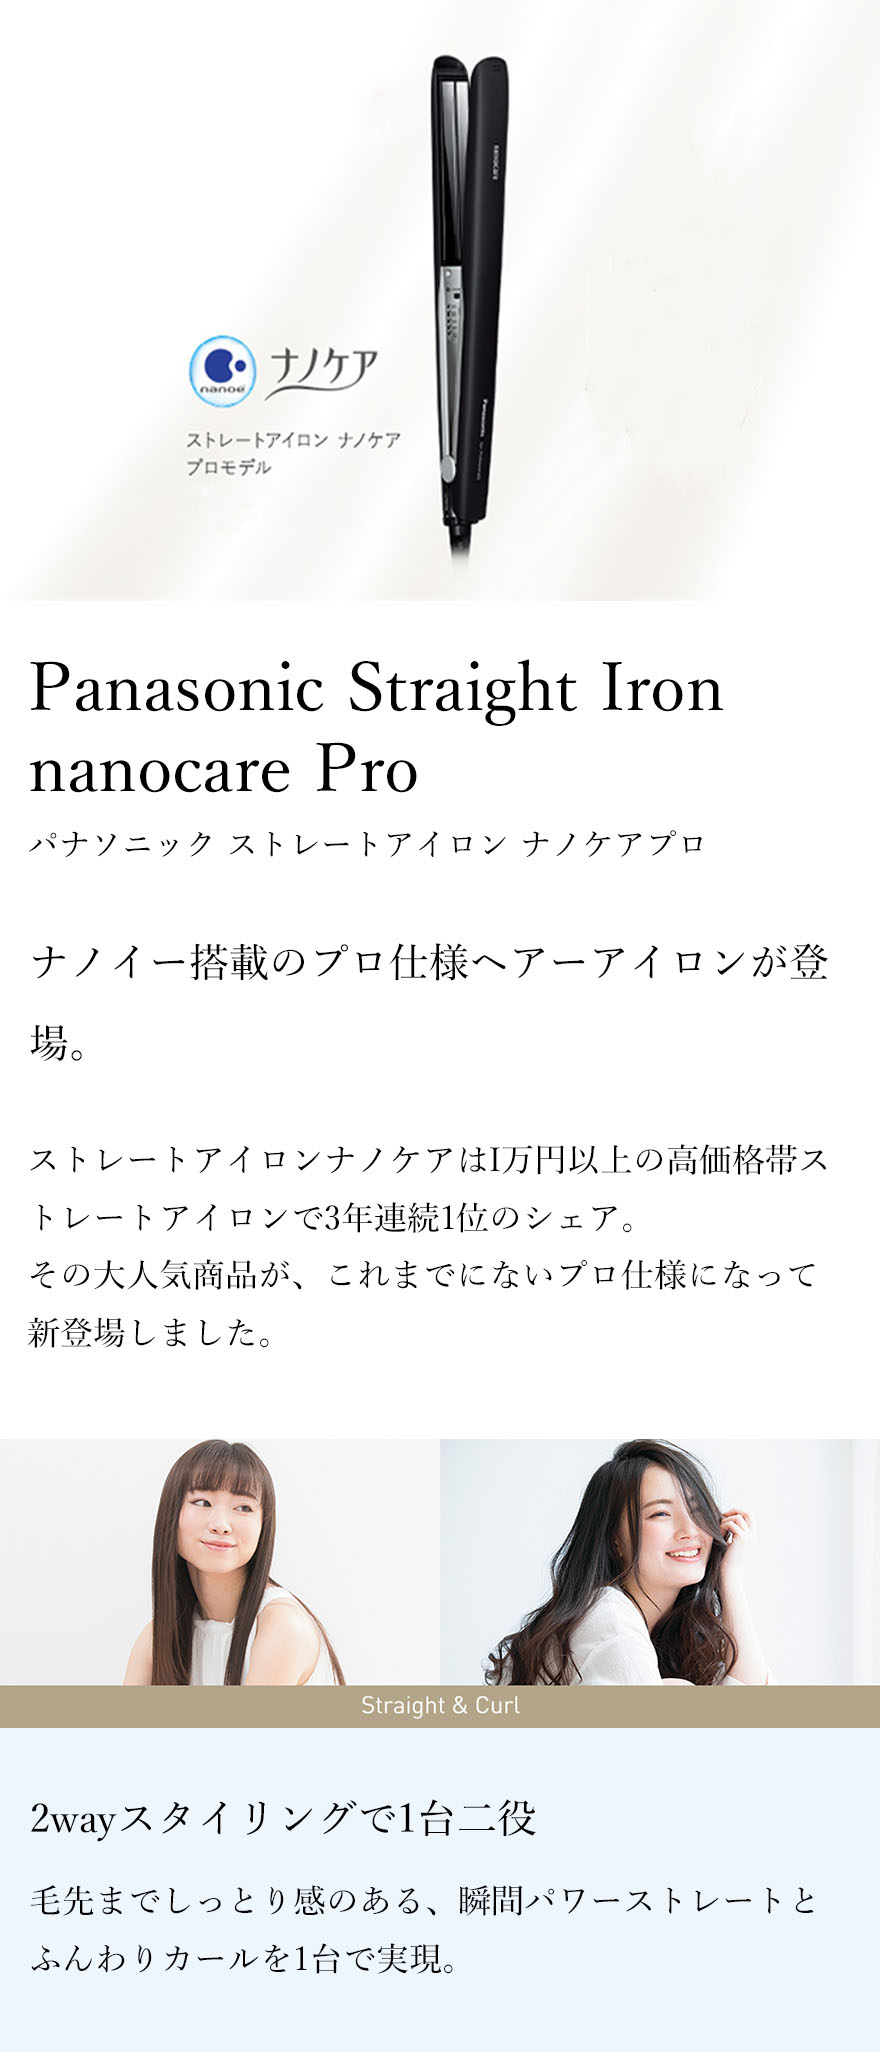 ナノケア ストレート アイロン